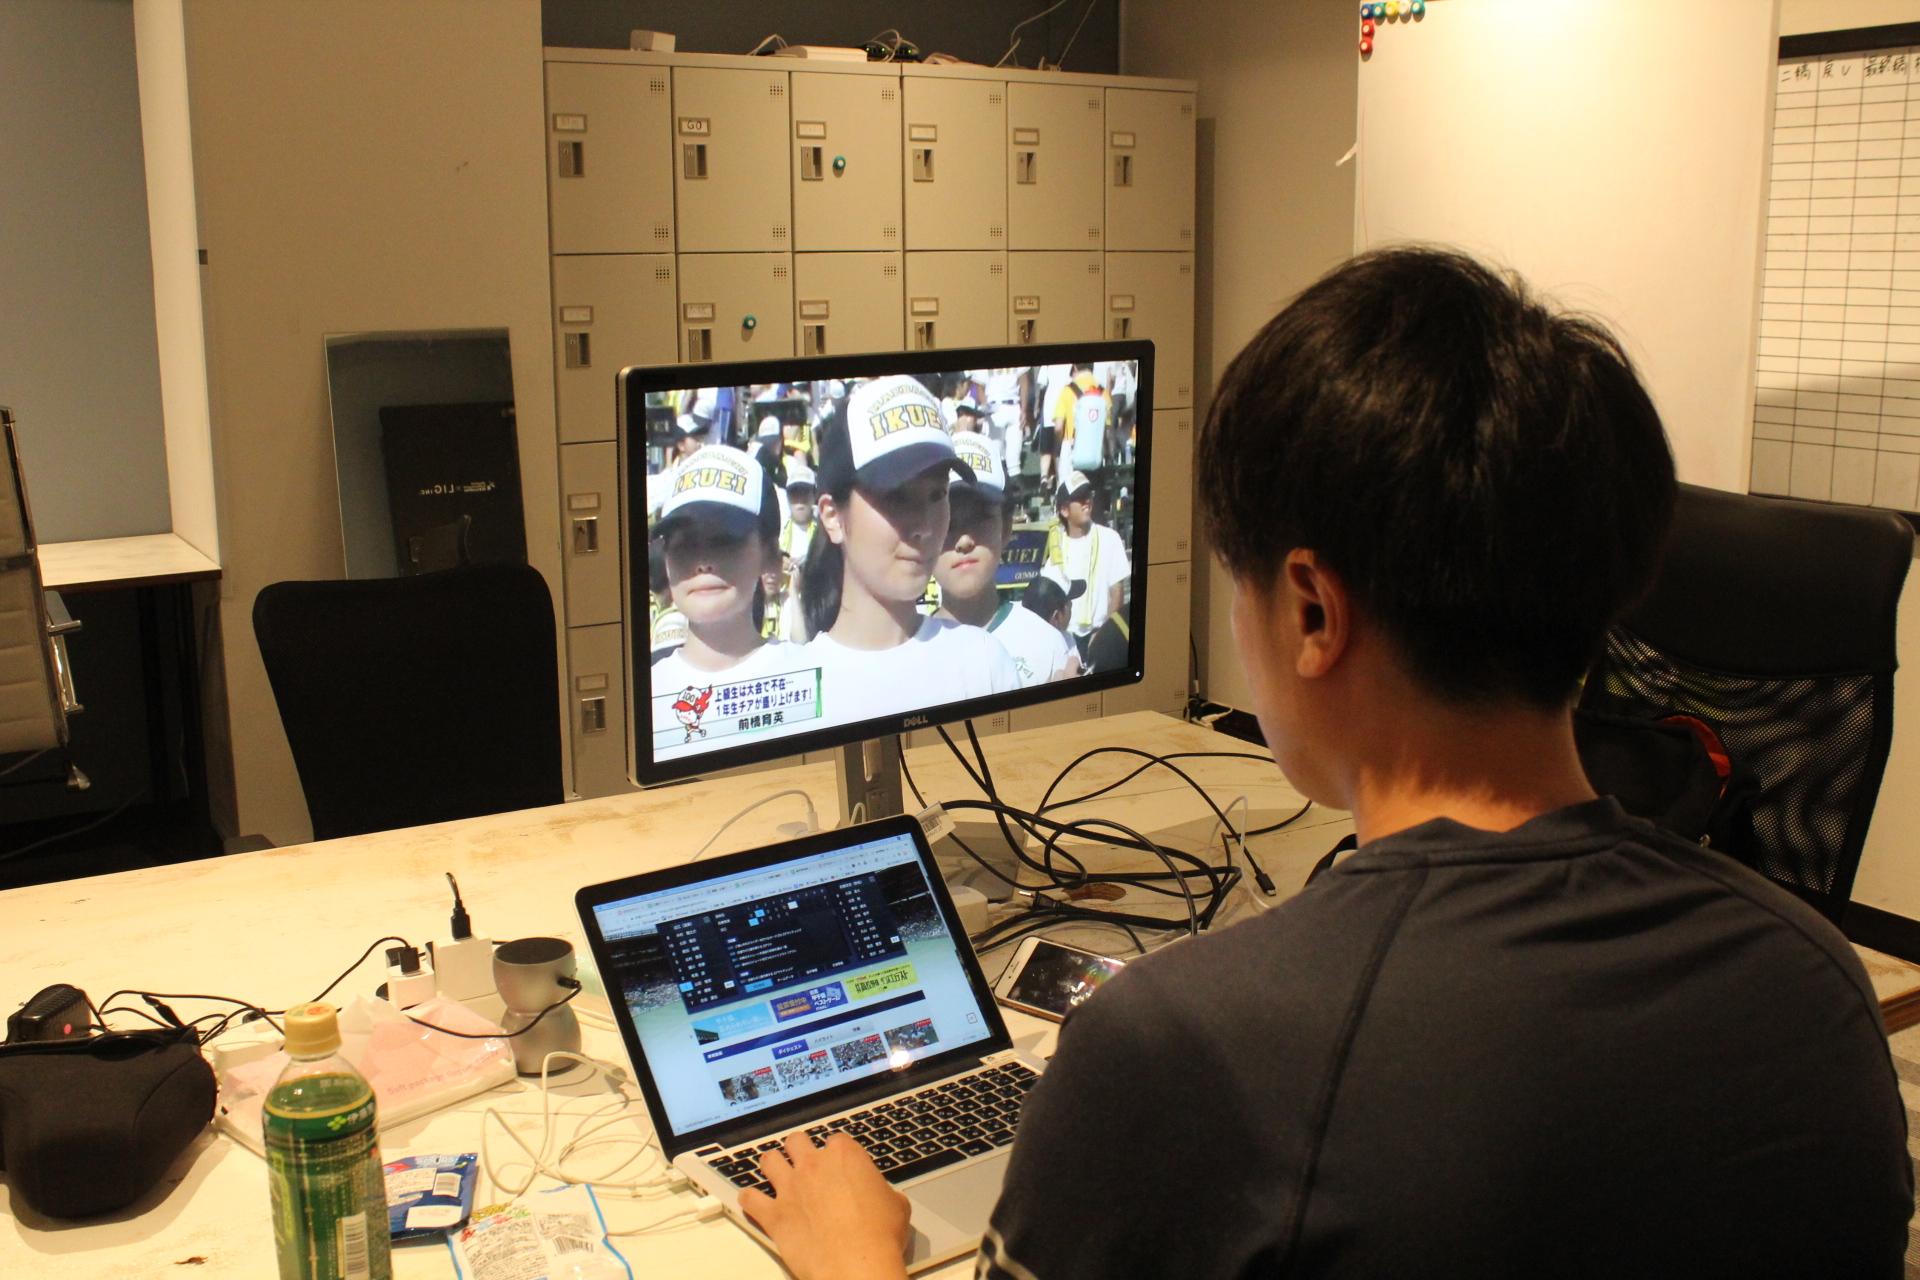 高校野球を観戦しながら仕事をしている画像